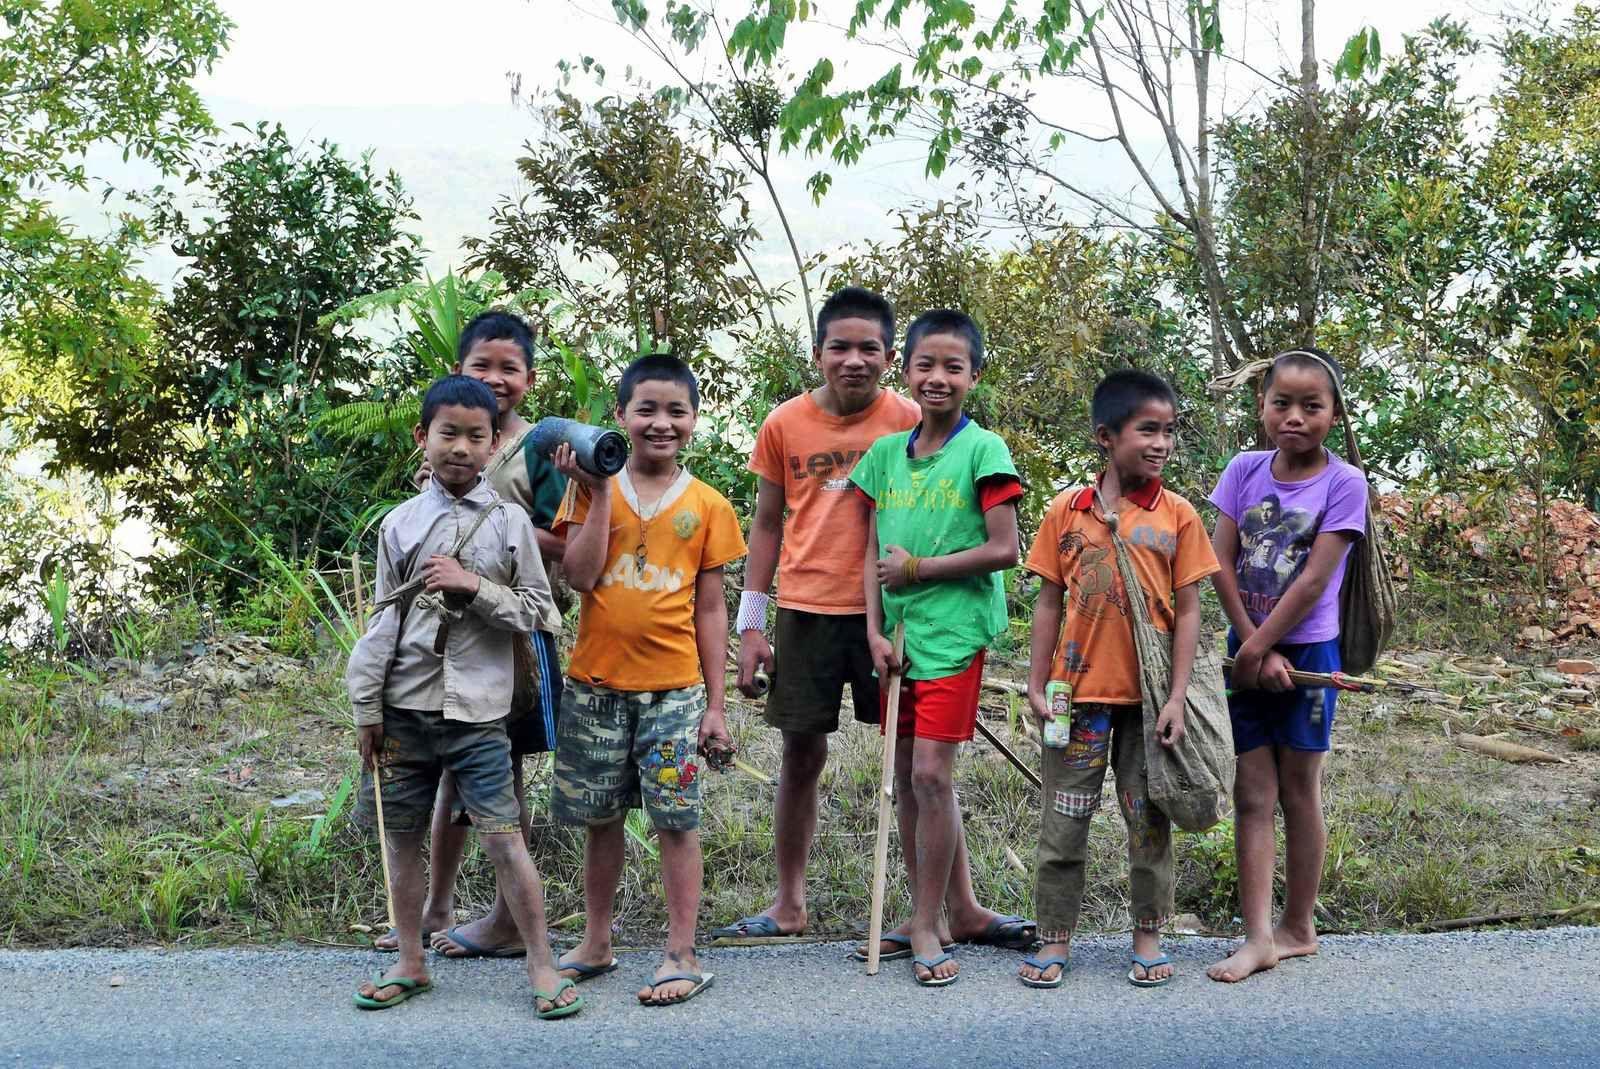 Un groupe d'enfants qui descend la route en rigolant mais pose gentiment pour la photo